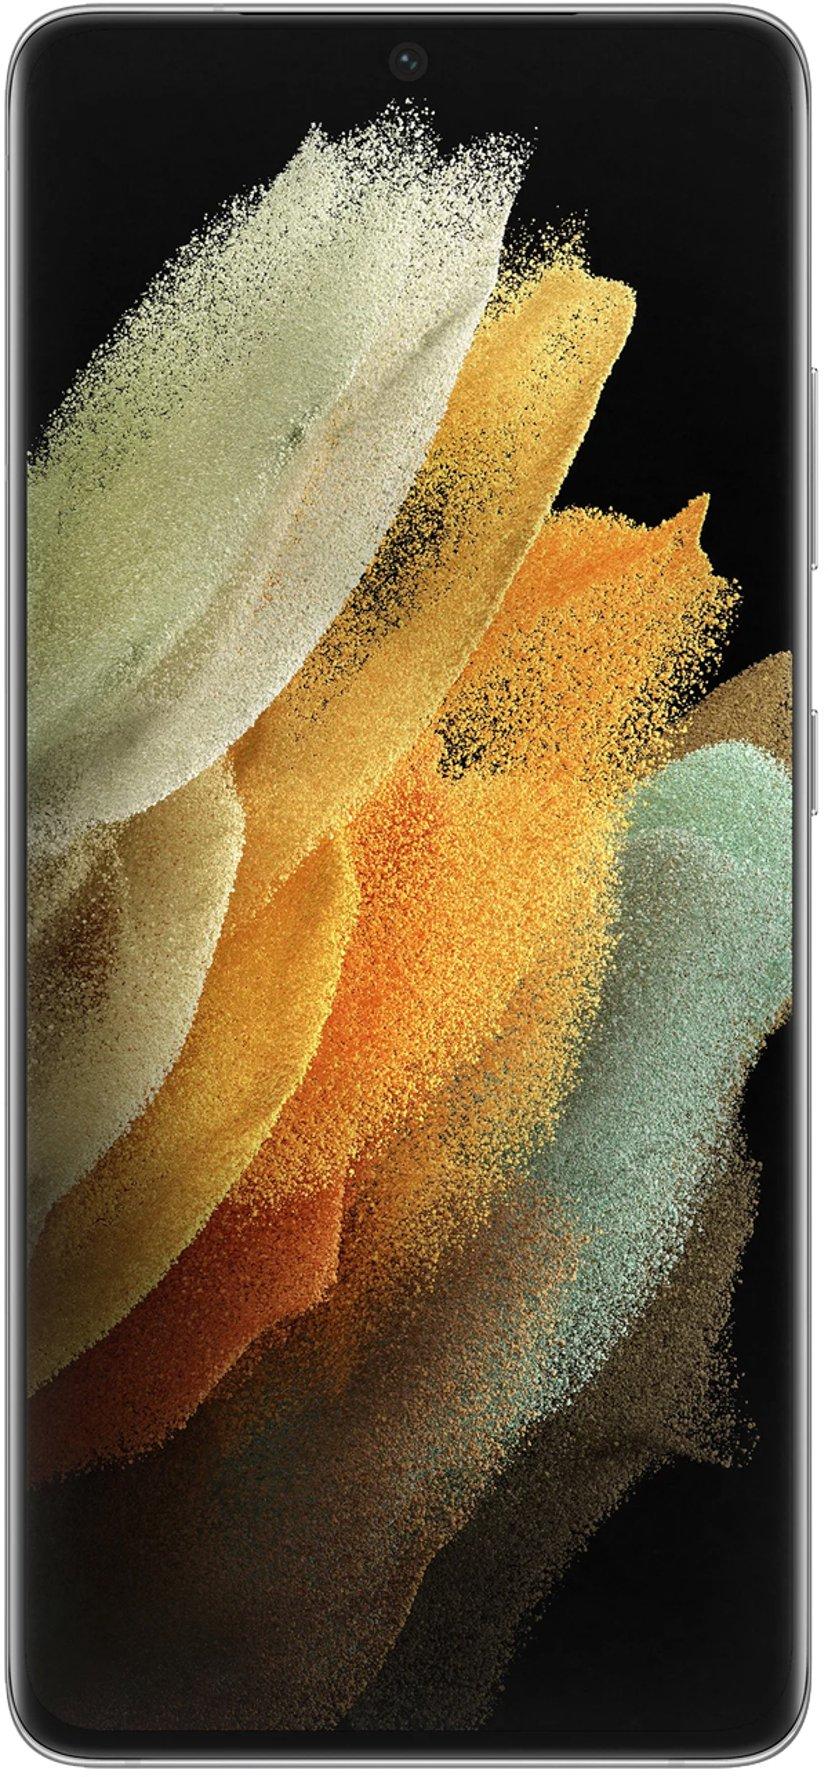 Samsung Galaxy S21 Ultra 5G 512GB Dual-SIM Fantomsilver